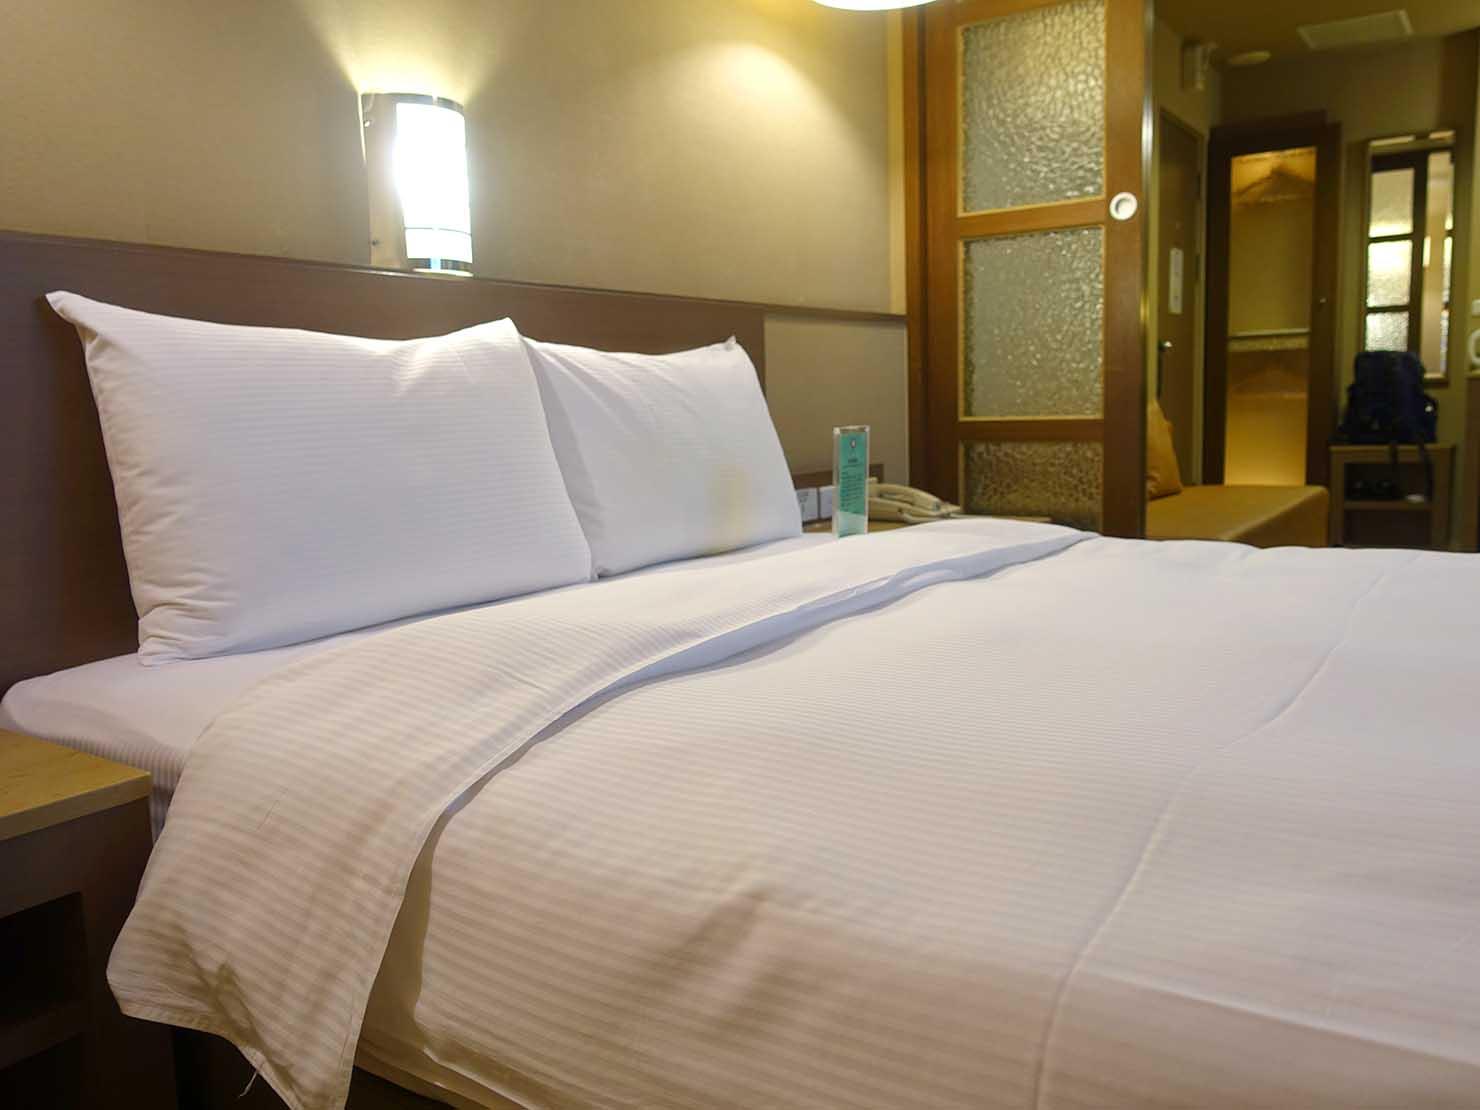 高雄のおすすめチェーンホテル「康橋商旅 Kindness Hotel(漢神館)」豪華雙人房ベッドルームのダブルベッド